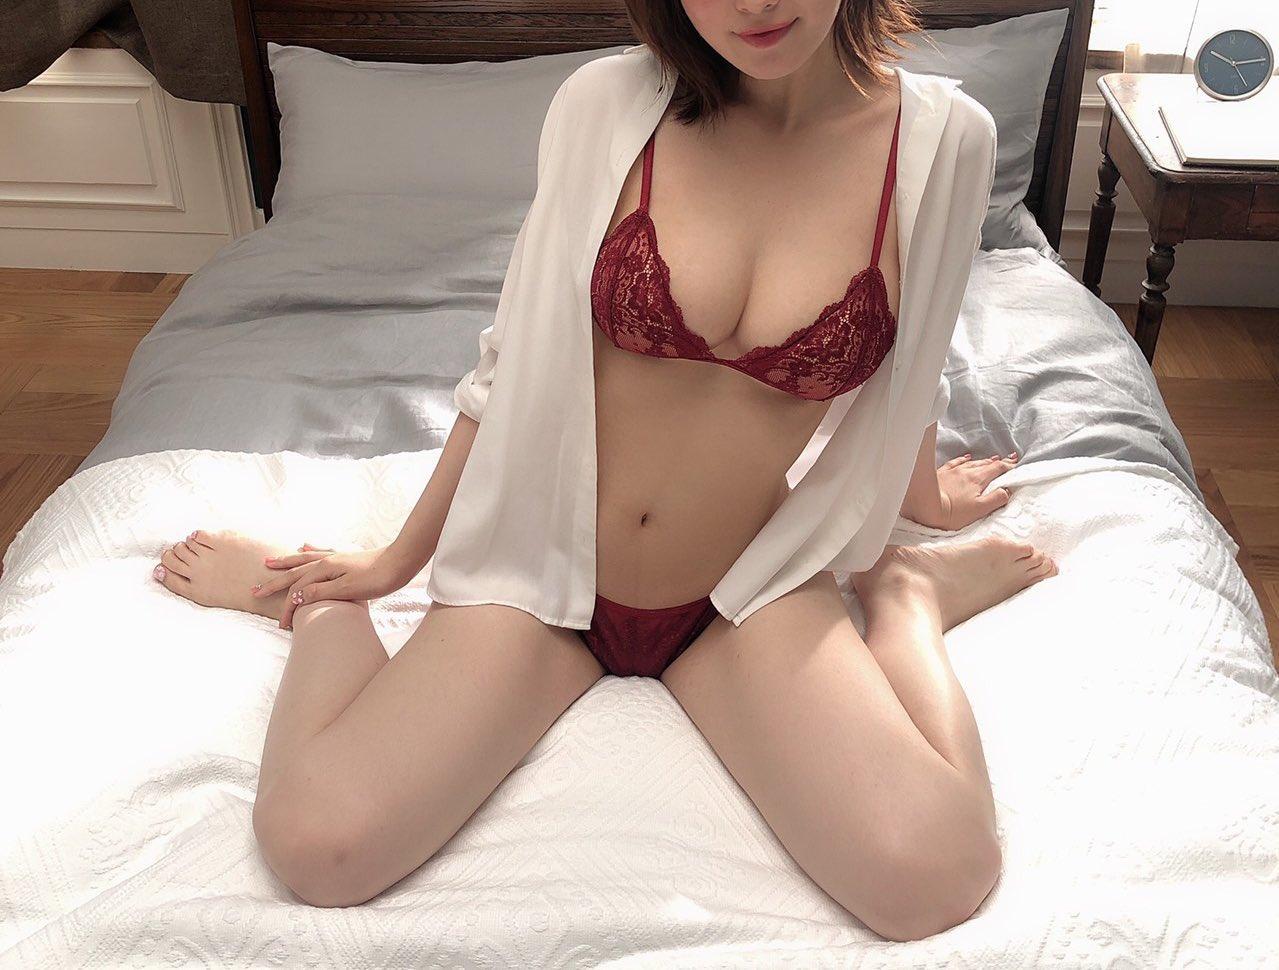 2019《12月新人女优抢先看》,SOD大物新人降临!